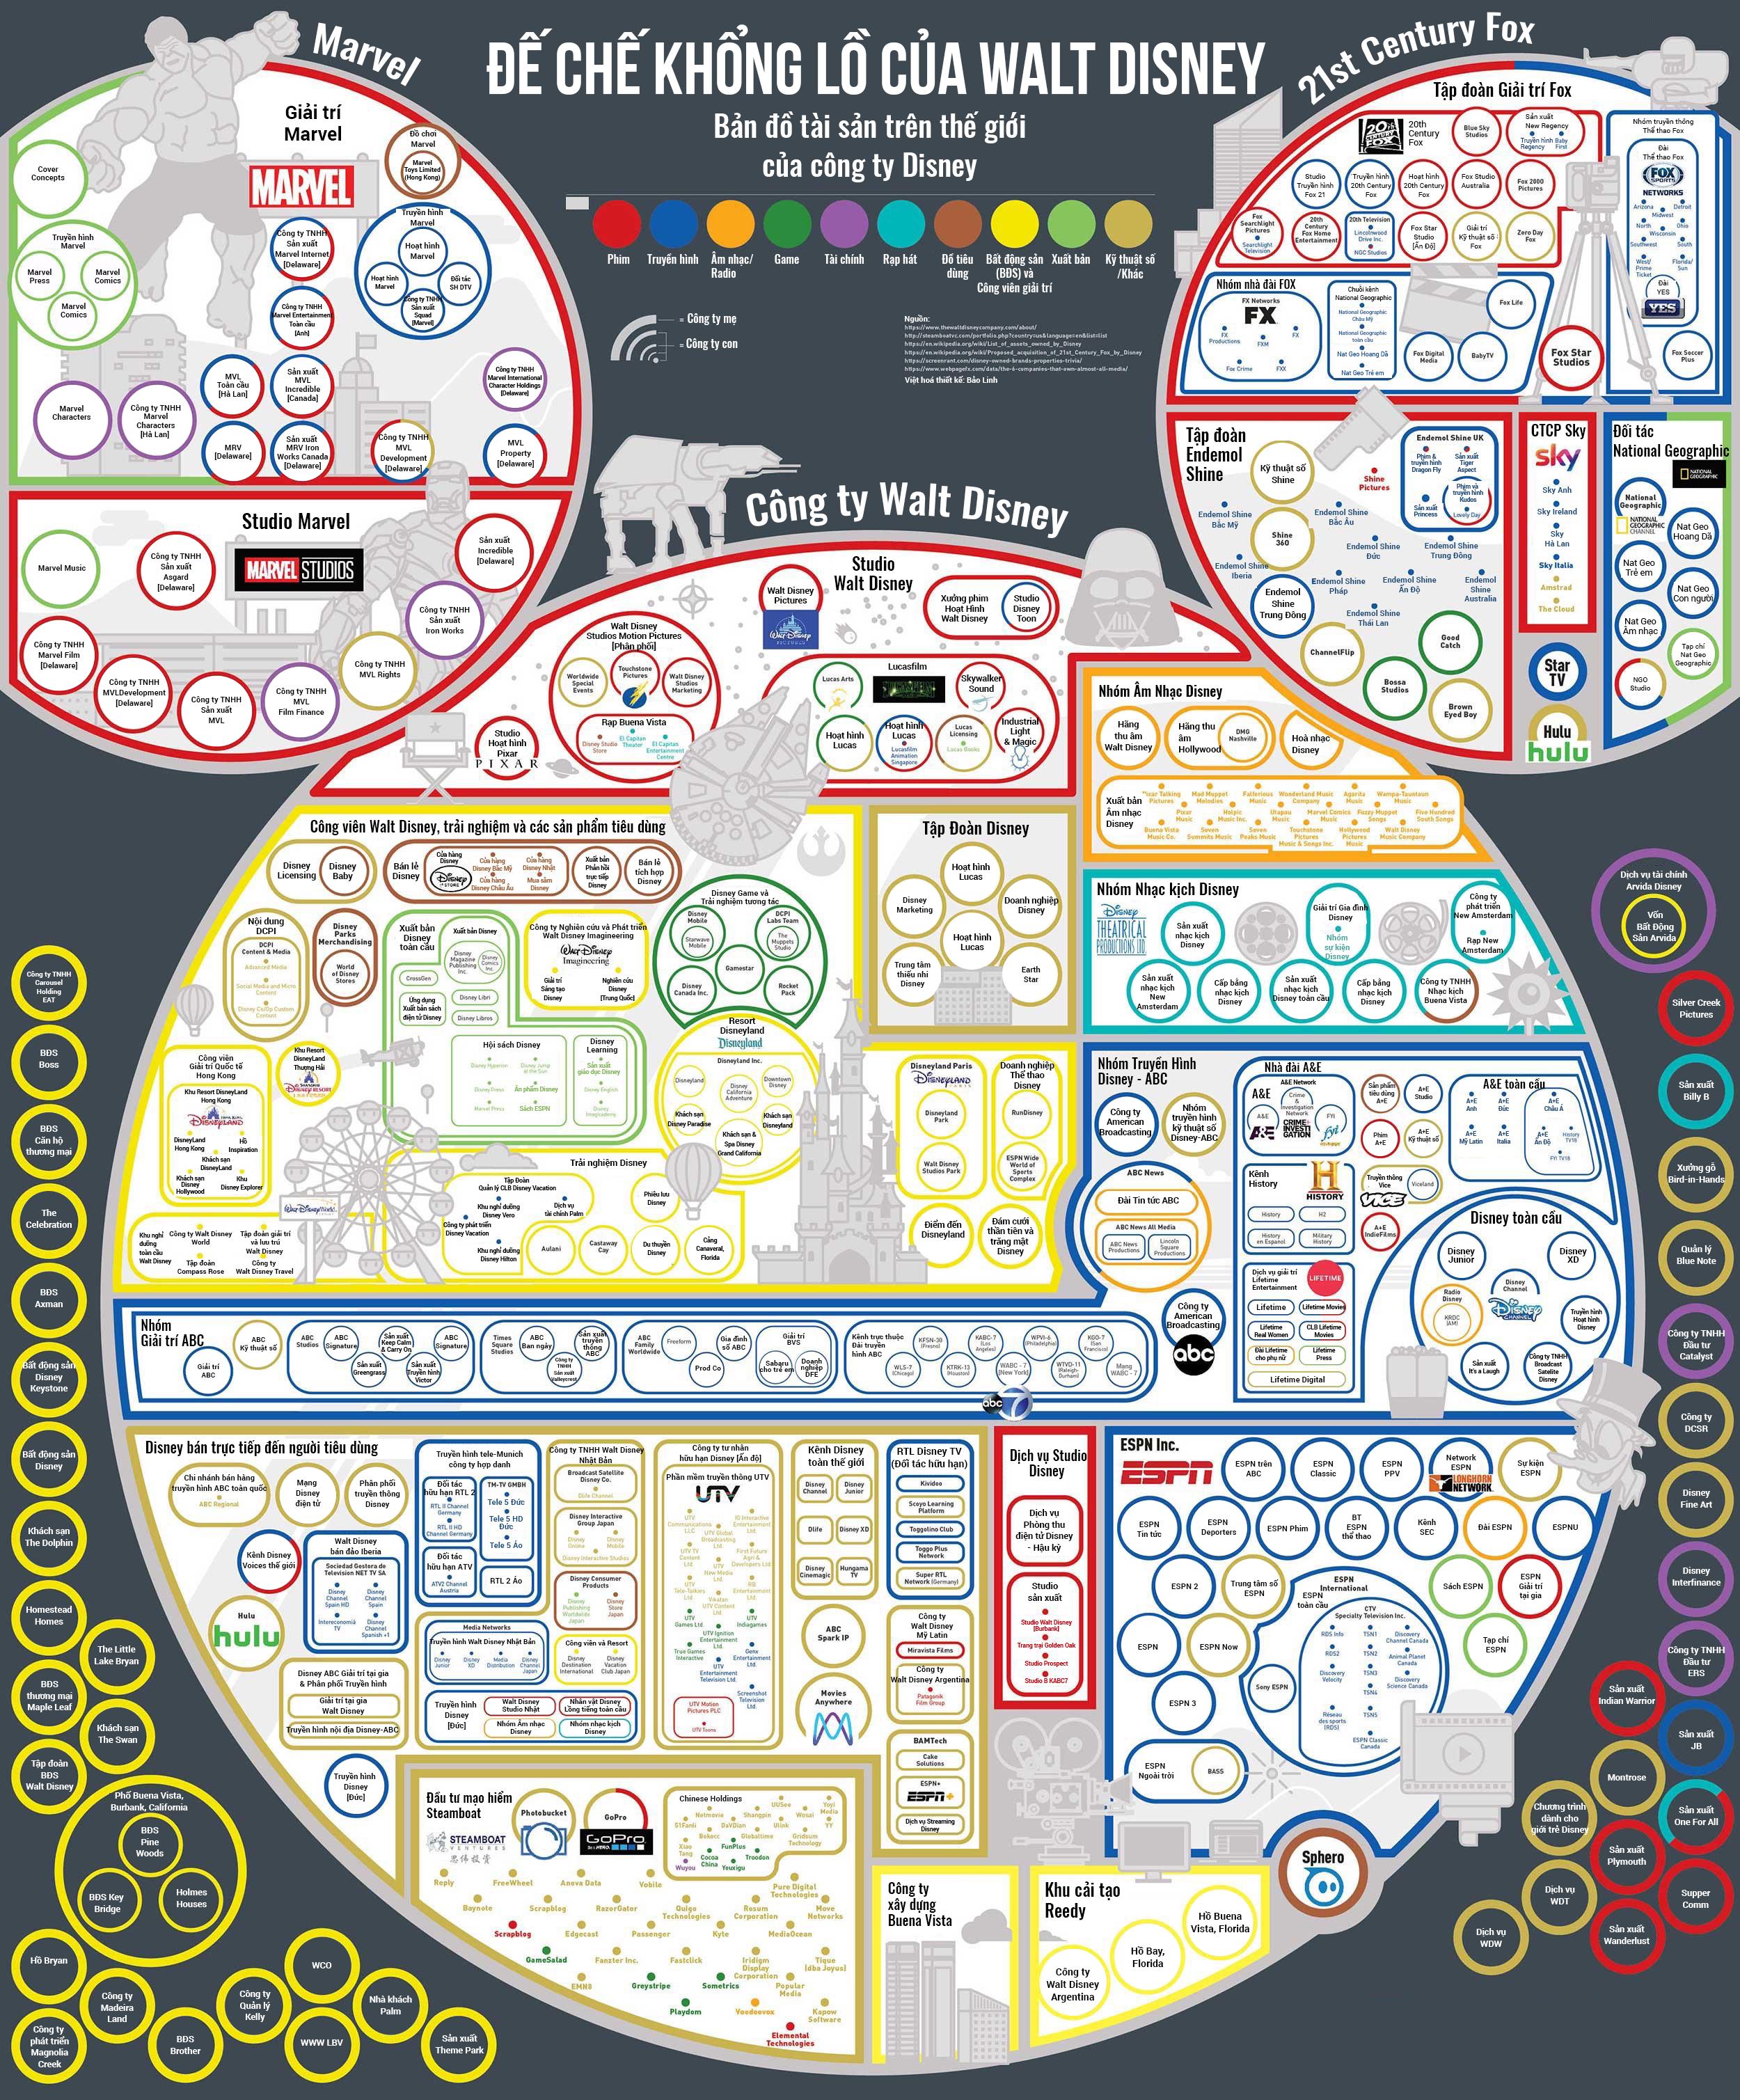 walt disney - if graphic75 9355 1571041181 - Đế chế của Walt Disney có những gì sau gần một thế kỷ?